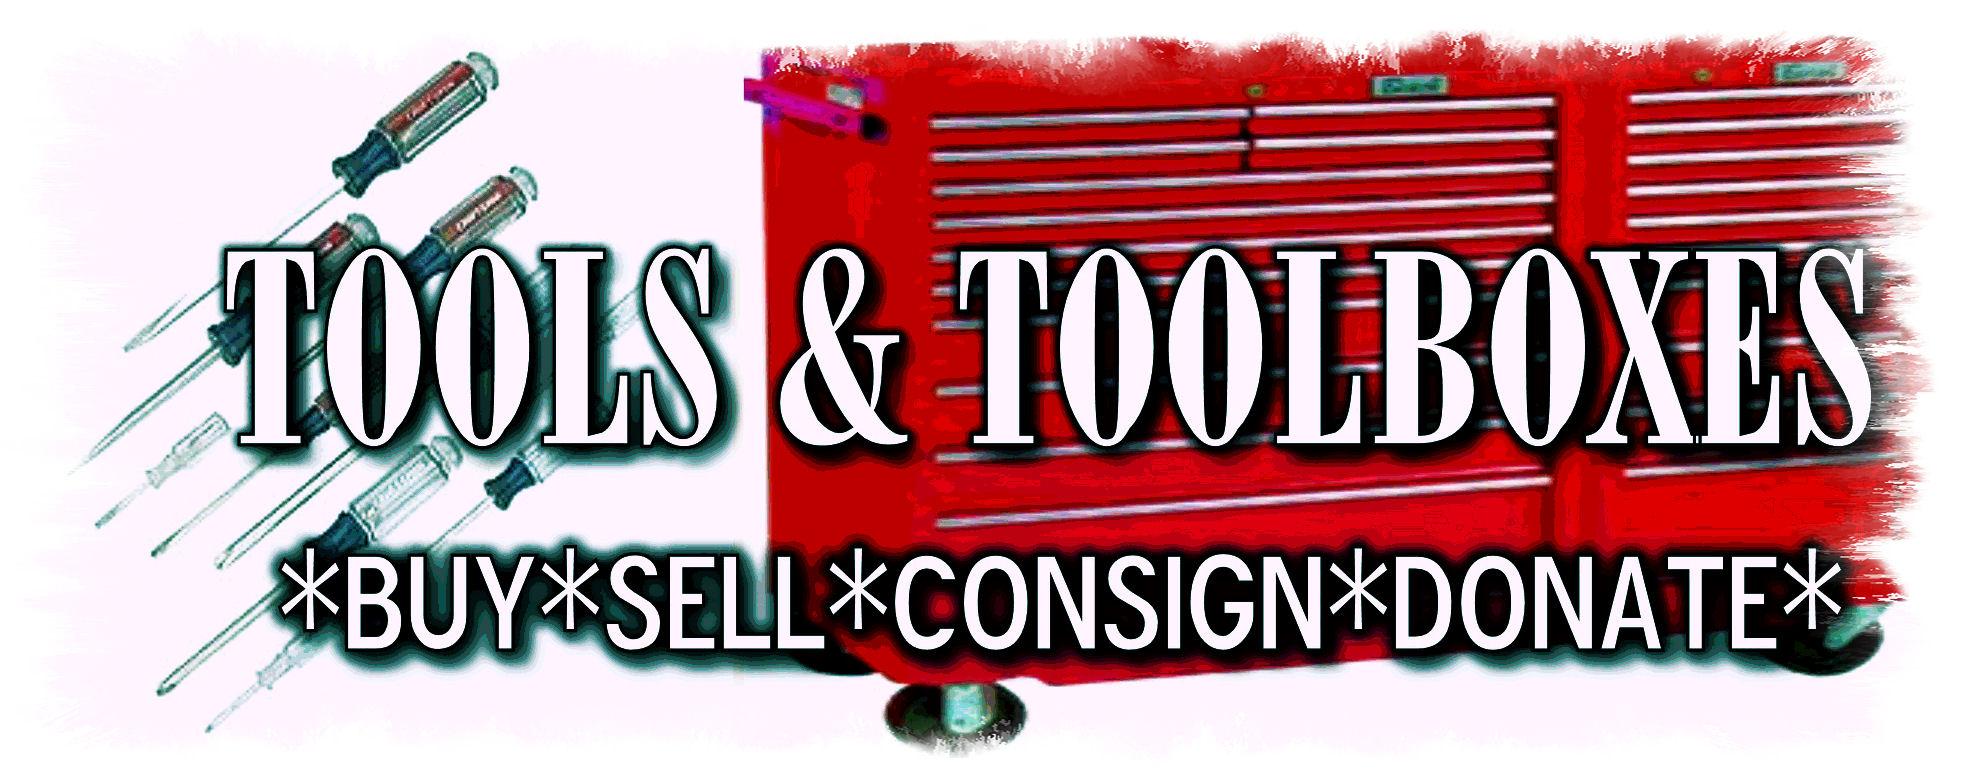 tool-banner5.jpg